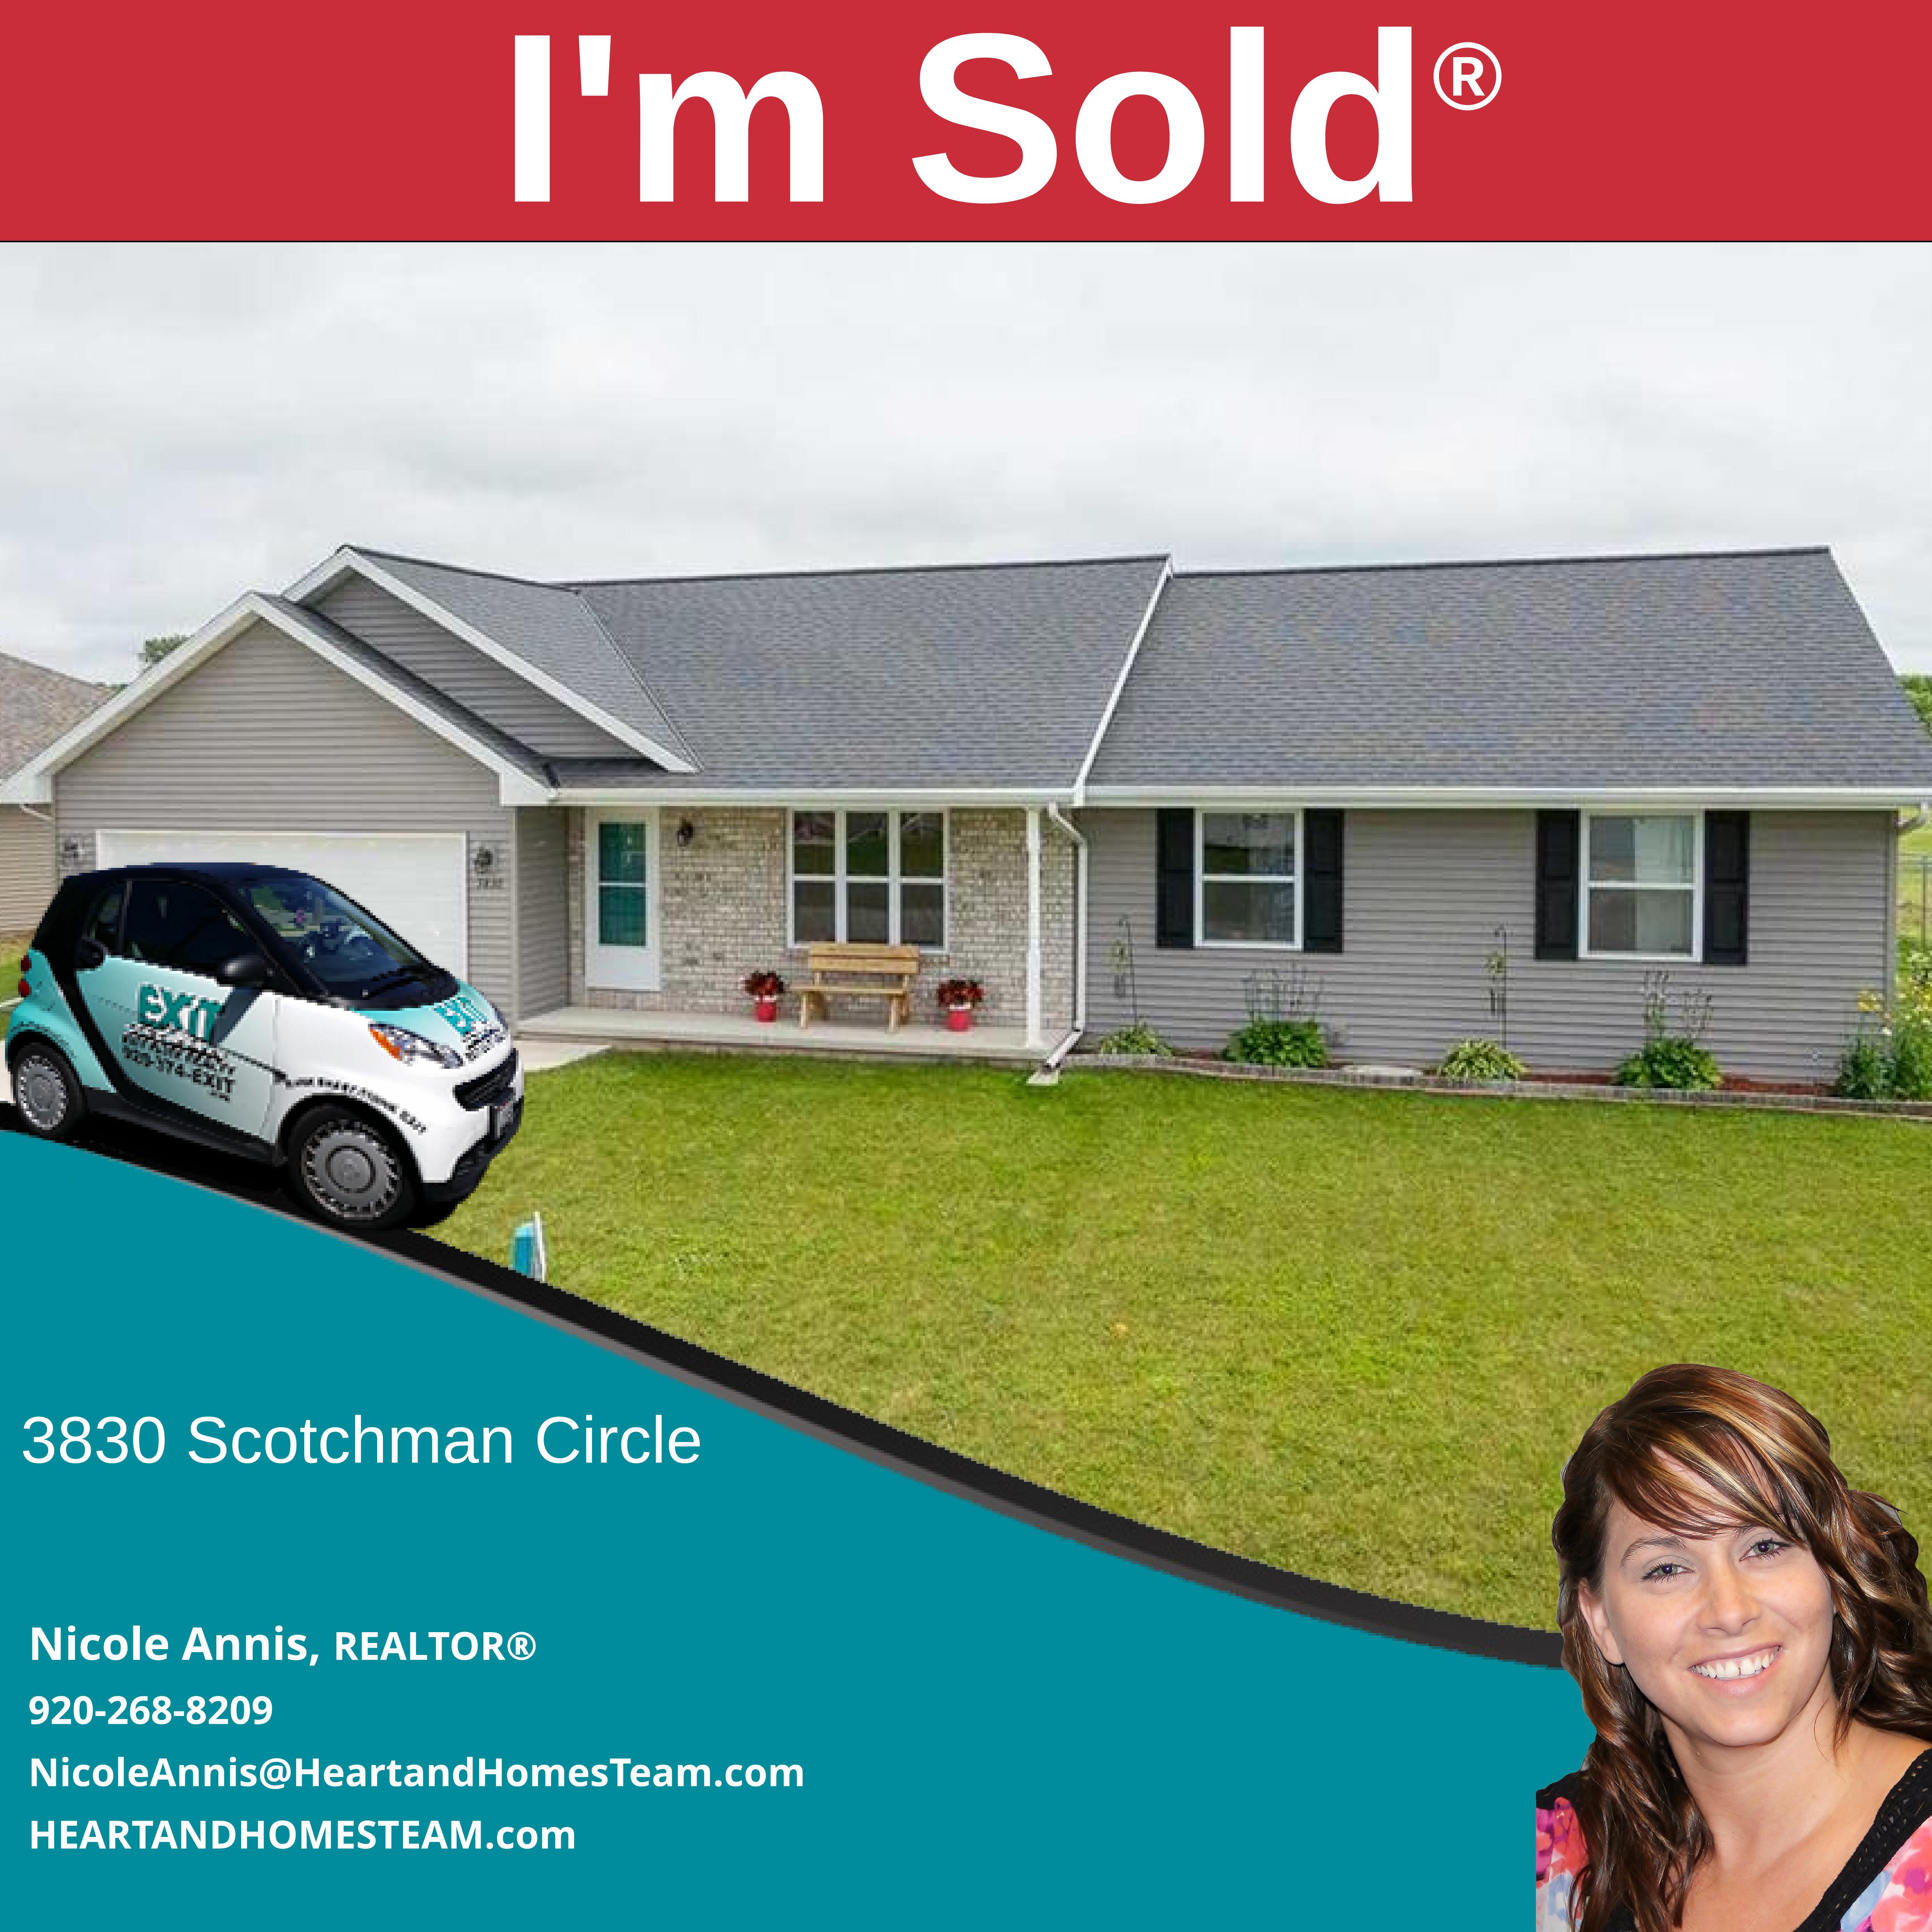 3830 Scotchman Circle